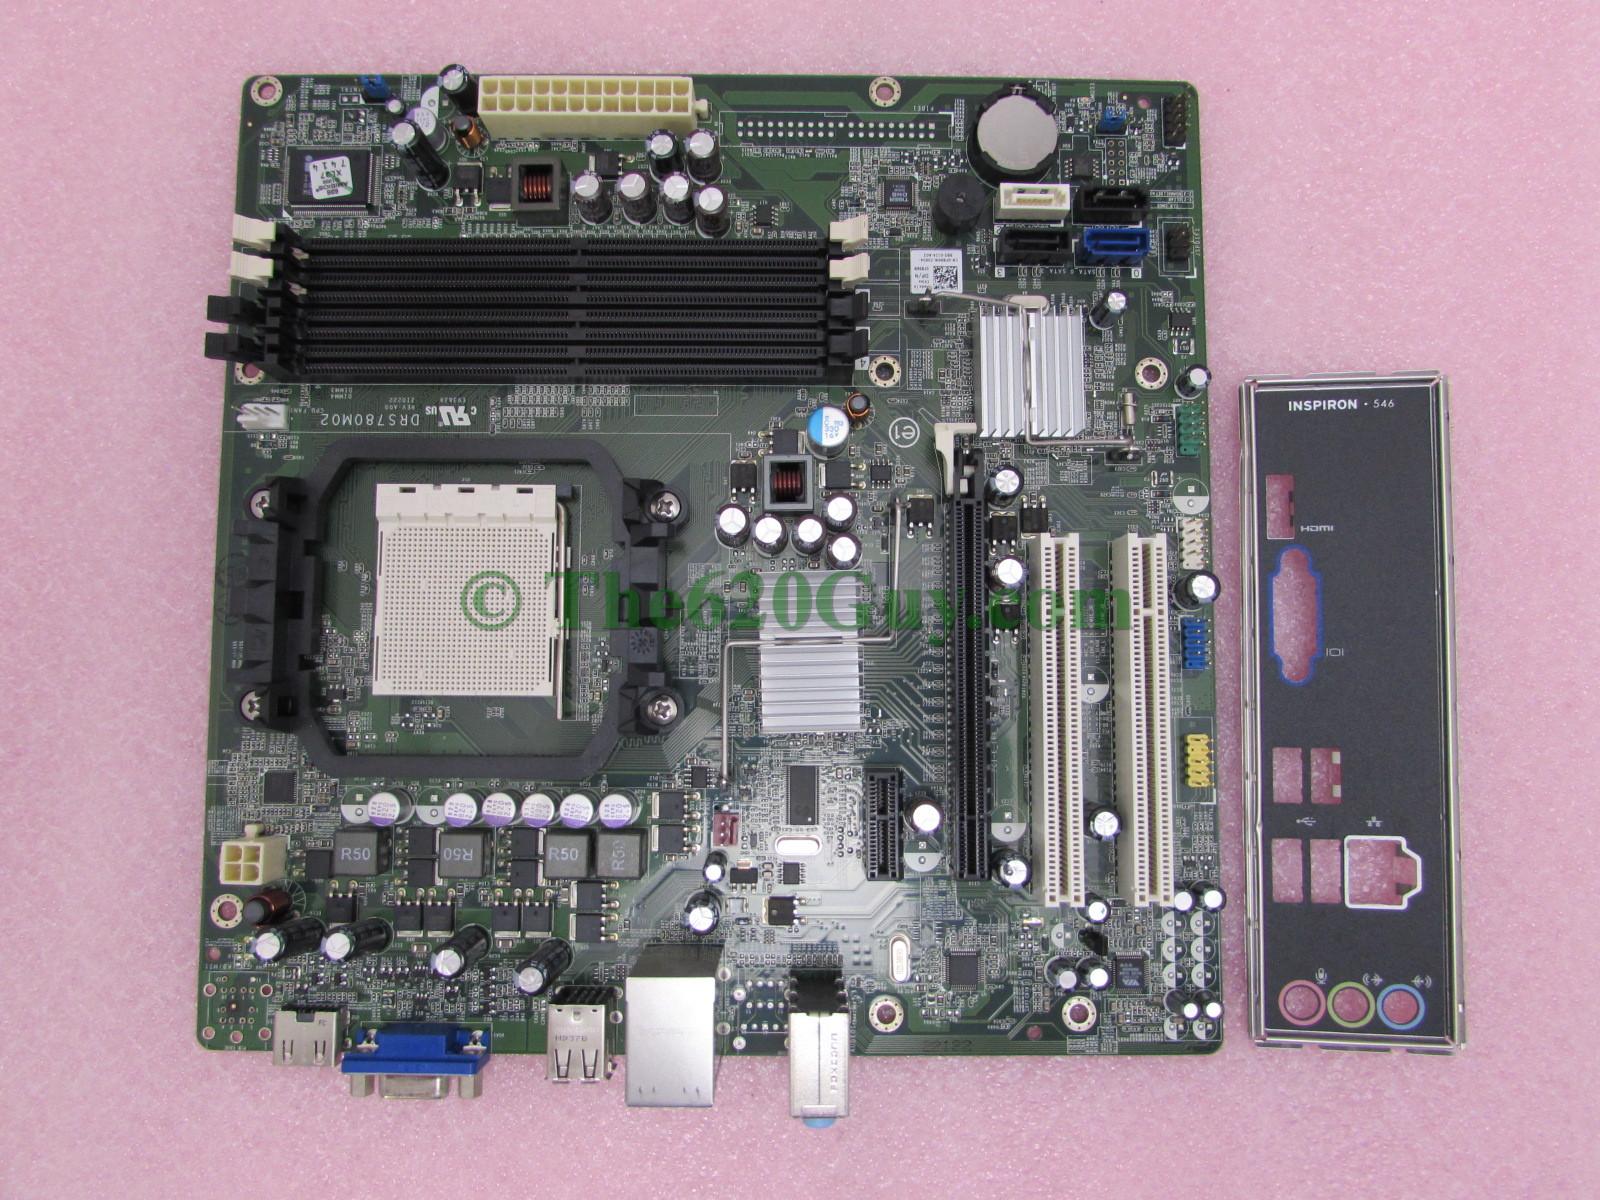 System Board Socket AM2 W//O CPU Inspiron 546 F896N